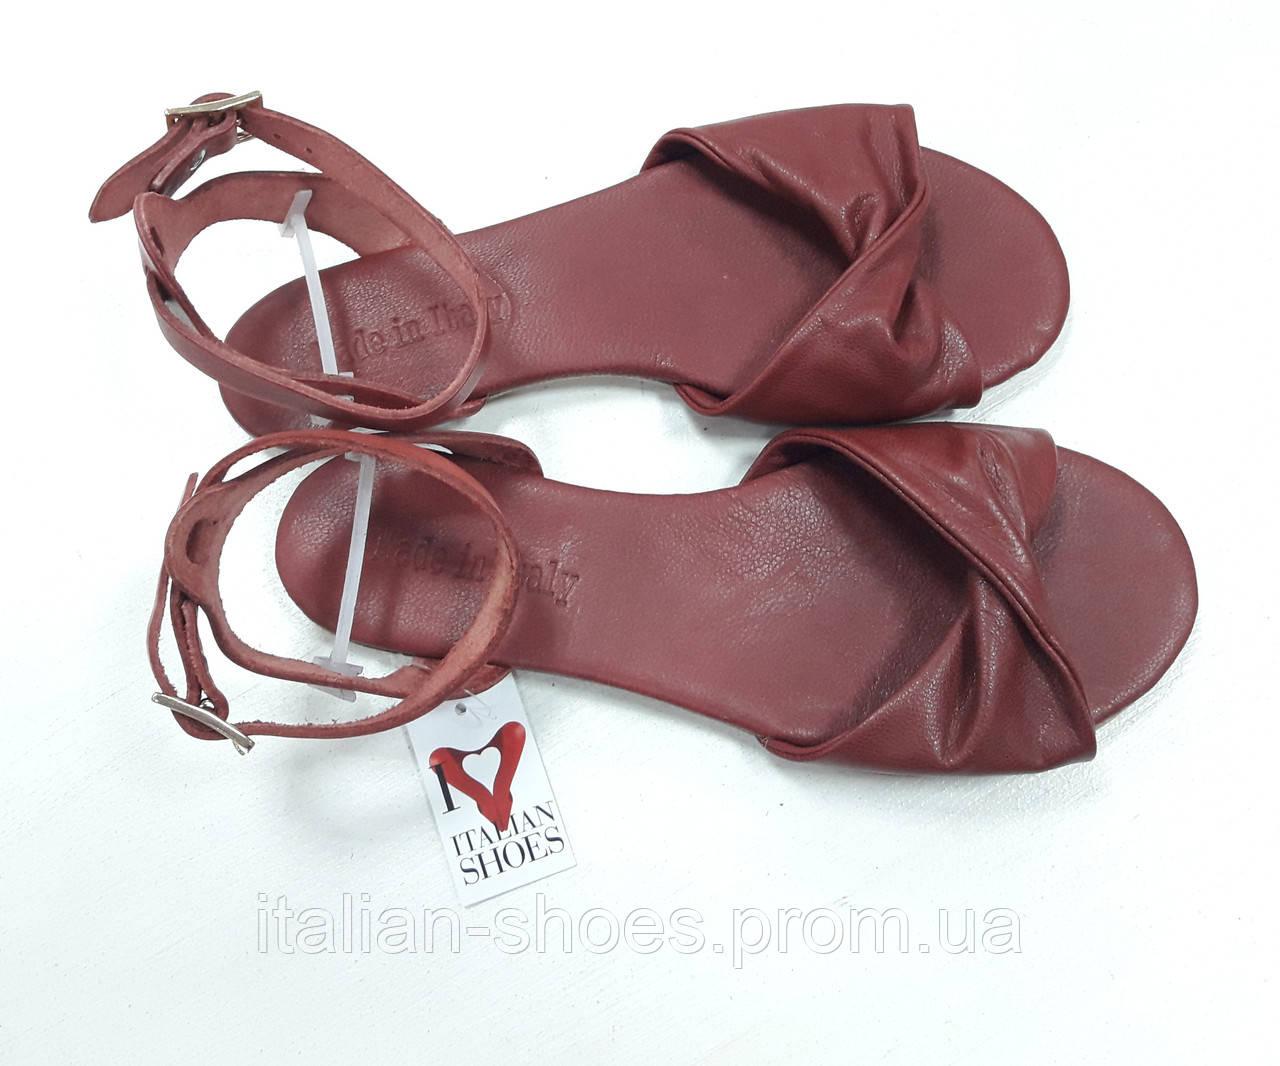 Бордовые кожаные сандалии Donna Italia